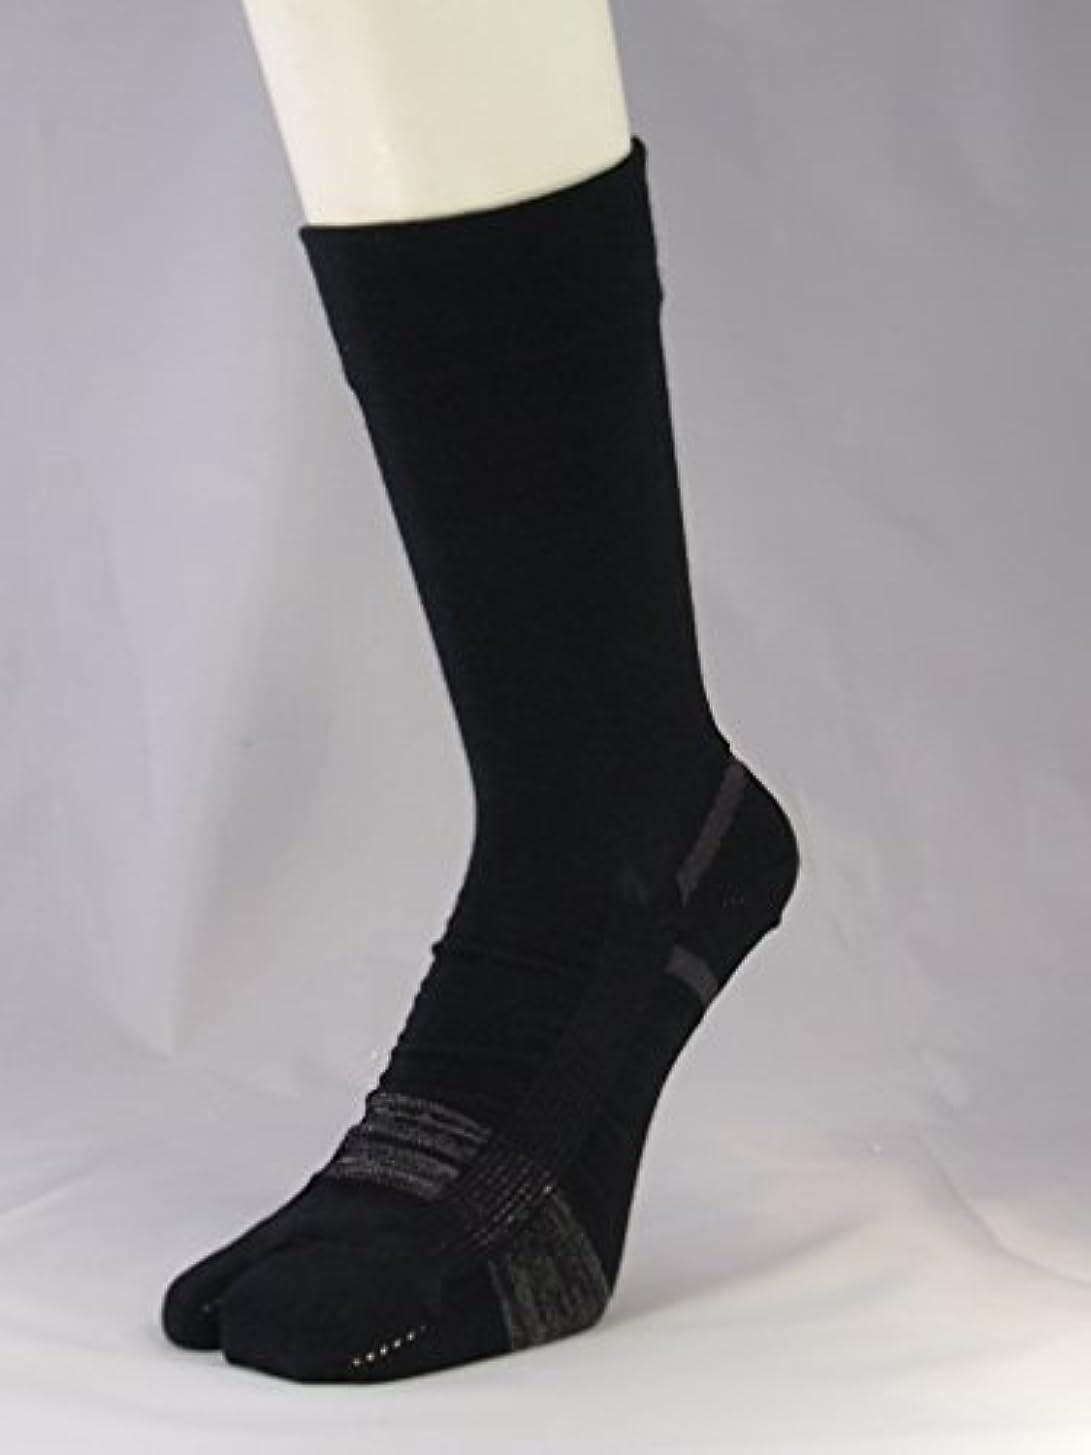 飢え外側したがって【あしサポ】つまずき予防靴下 転倒予防 足袋タイプ【エコノレッグ 】 (25-27㎝, ブラック)